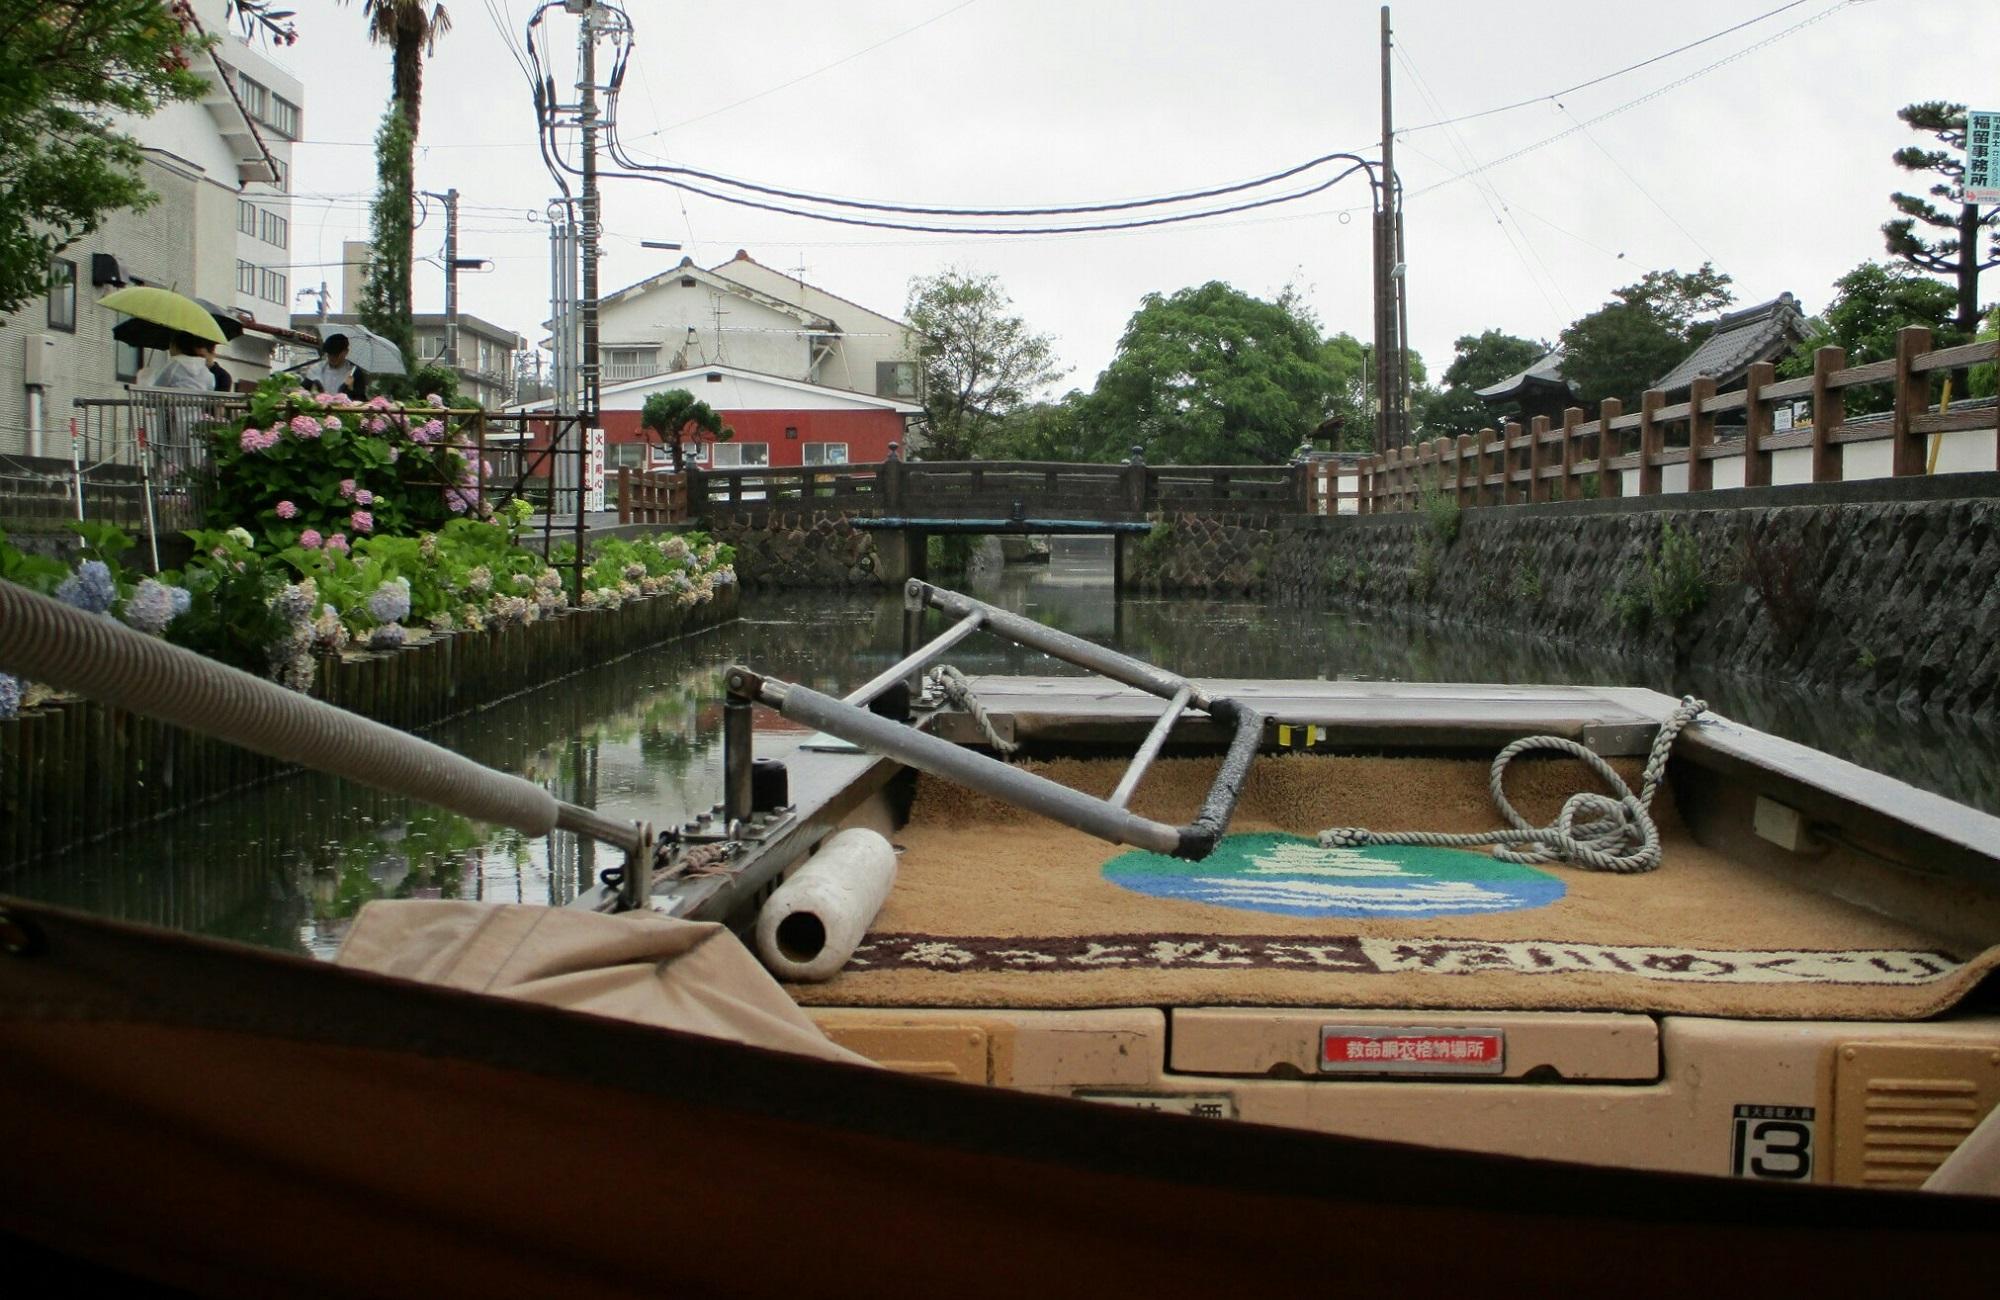 2018.7.7 (27) ぐるっと松江堀川めぐりぶね - 普門院橋 2000-1300